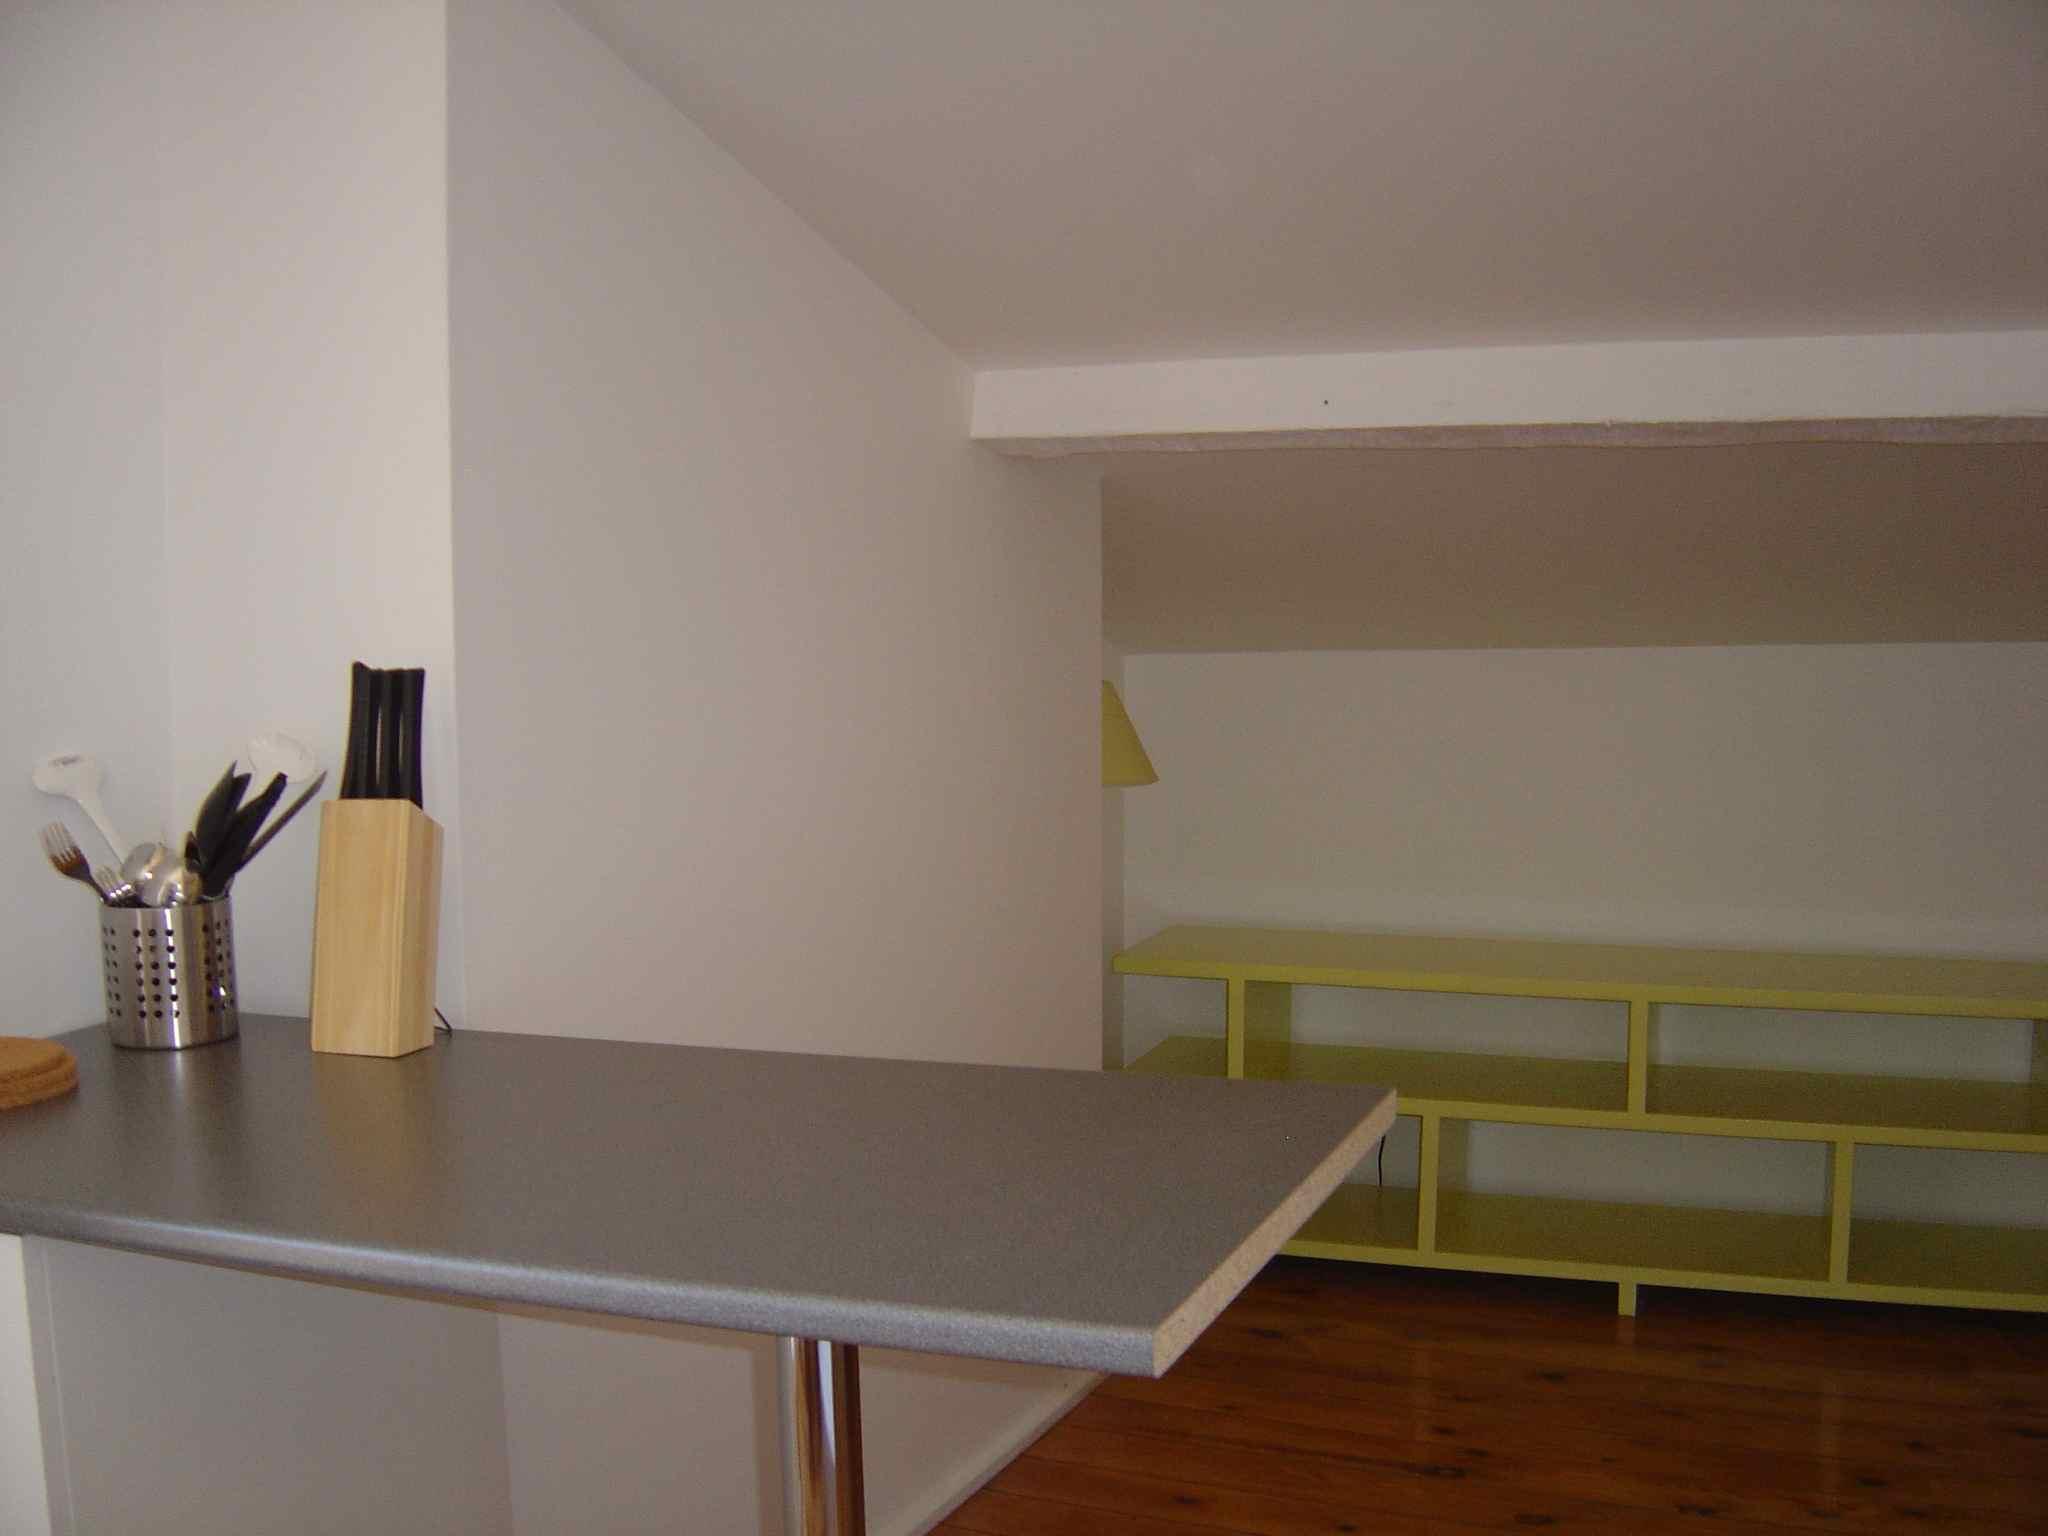 Studio 3ème étage 15 m2 TOULOUSE boulevard Matabiau Proche centre Métro A Marengo SNCF (99) - DSC06047.jpg